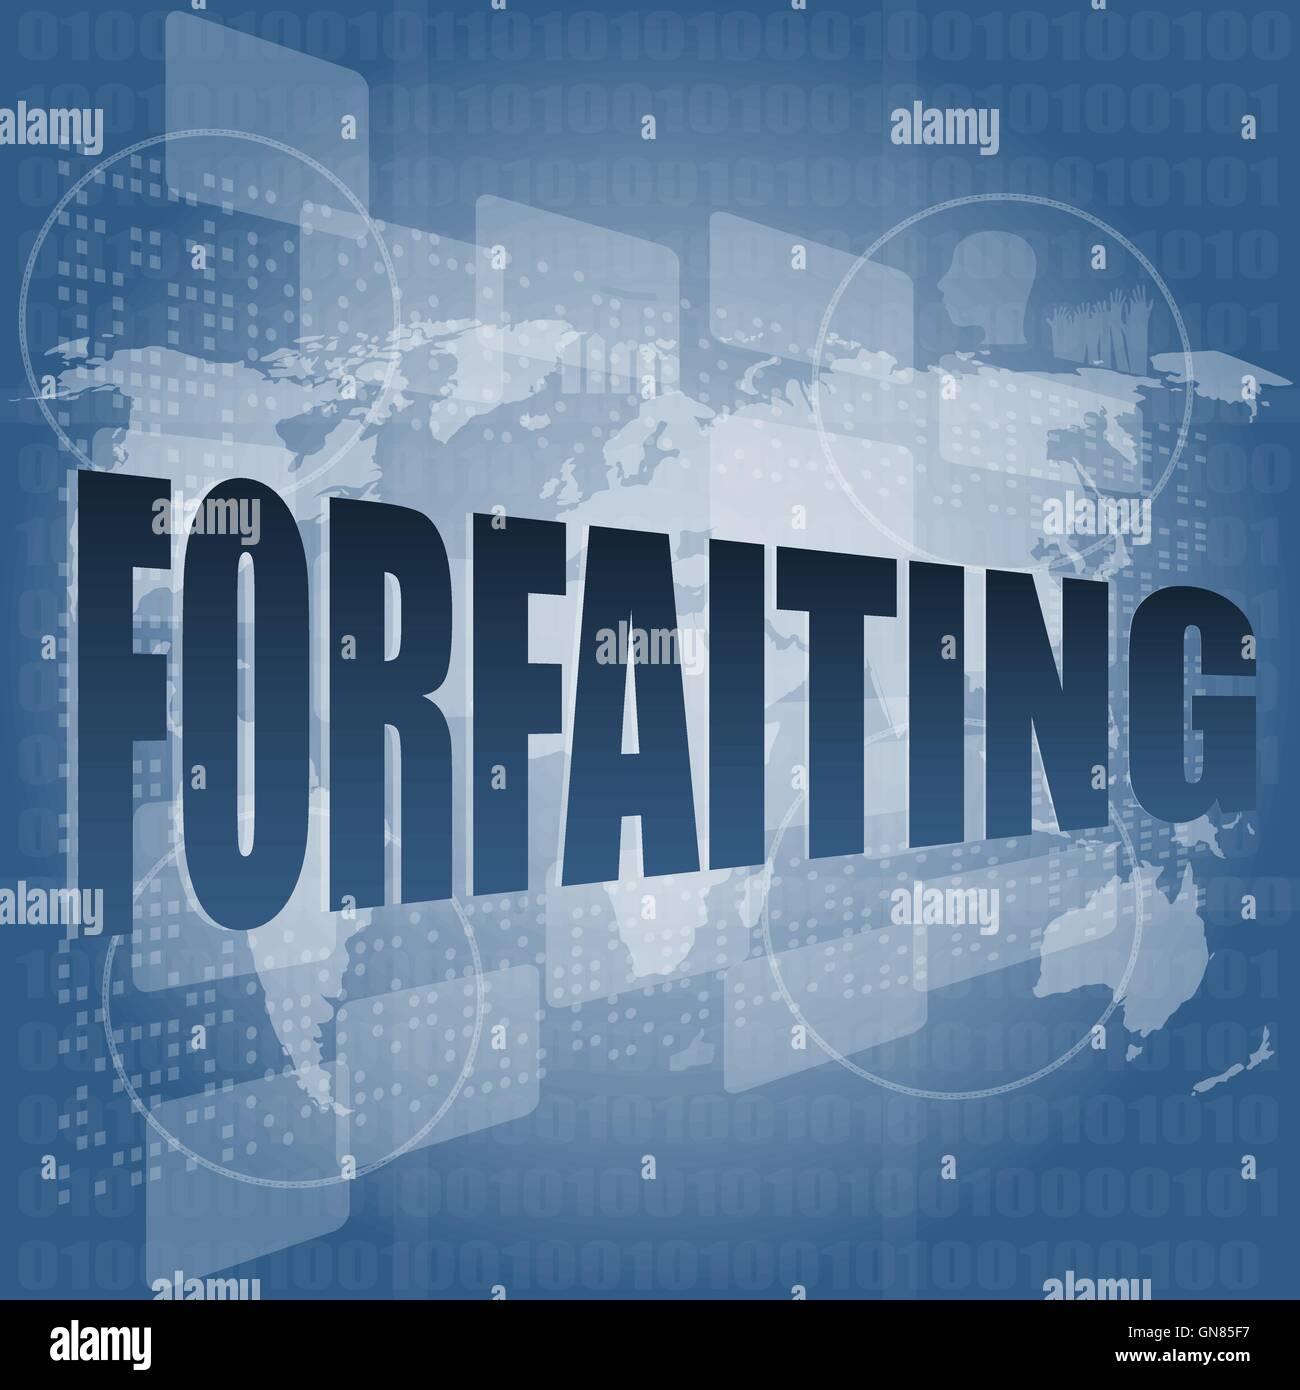 Forfaiting palabra sobre pantalla táctil digital ilustración vectorial Imagen De Stock